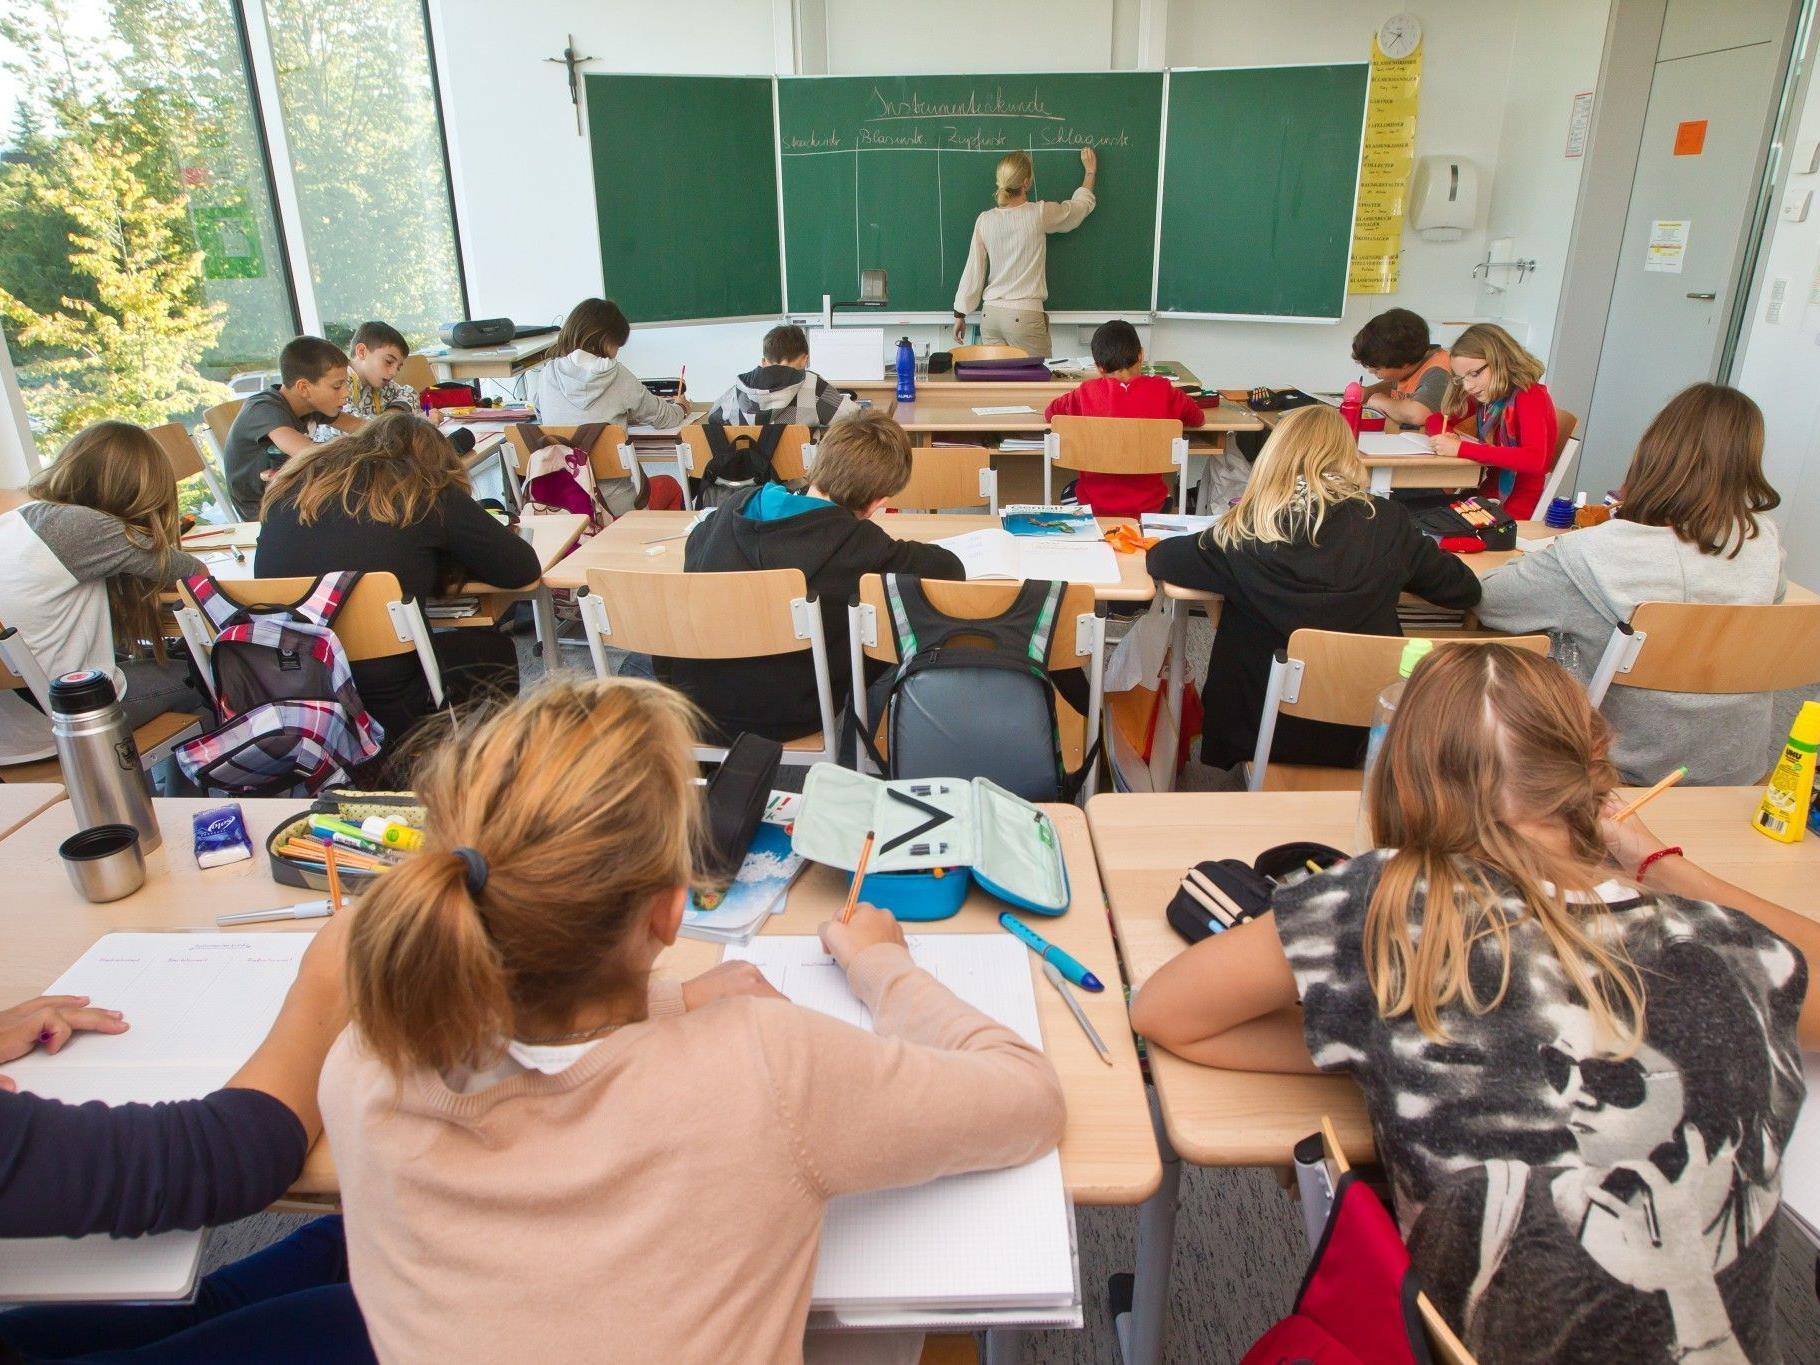 Die Finanzierung der Ganztagsschule bleibt umstritten.